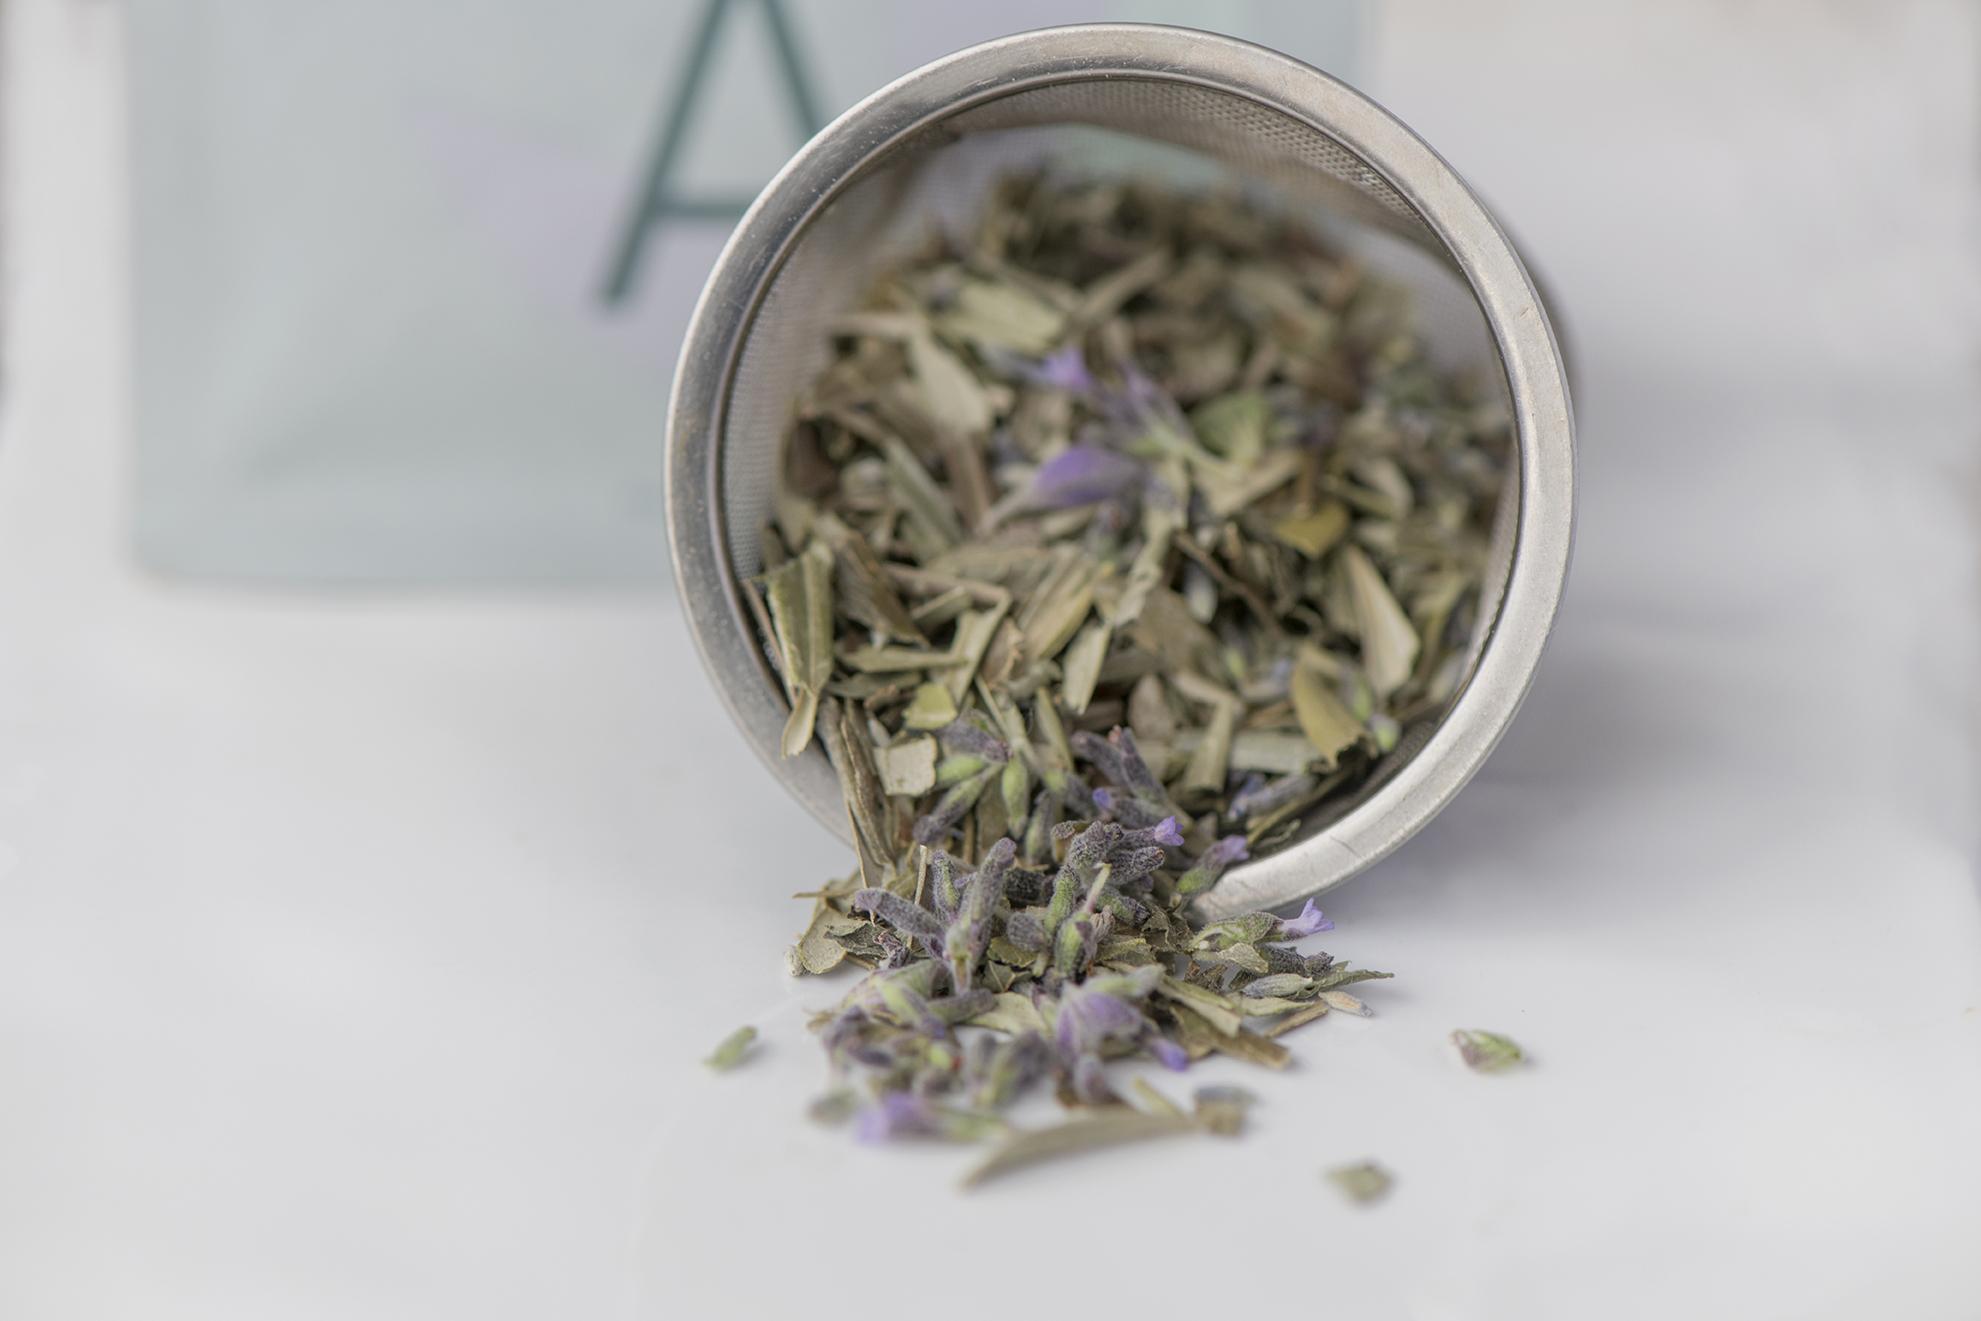 Die getrockneten Olivenblätter werden mit Lavendel oder Zitrone, Hierba Buena oder weiteren Kräutern versetzt.